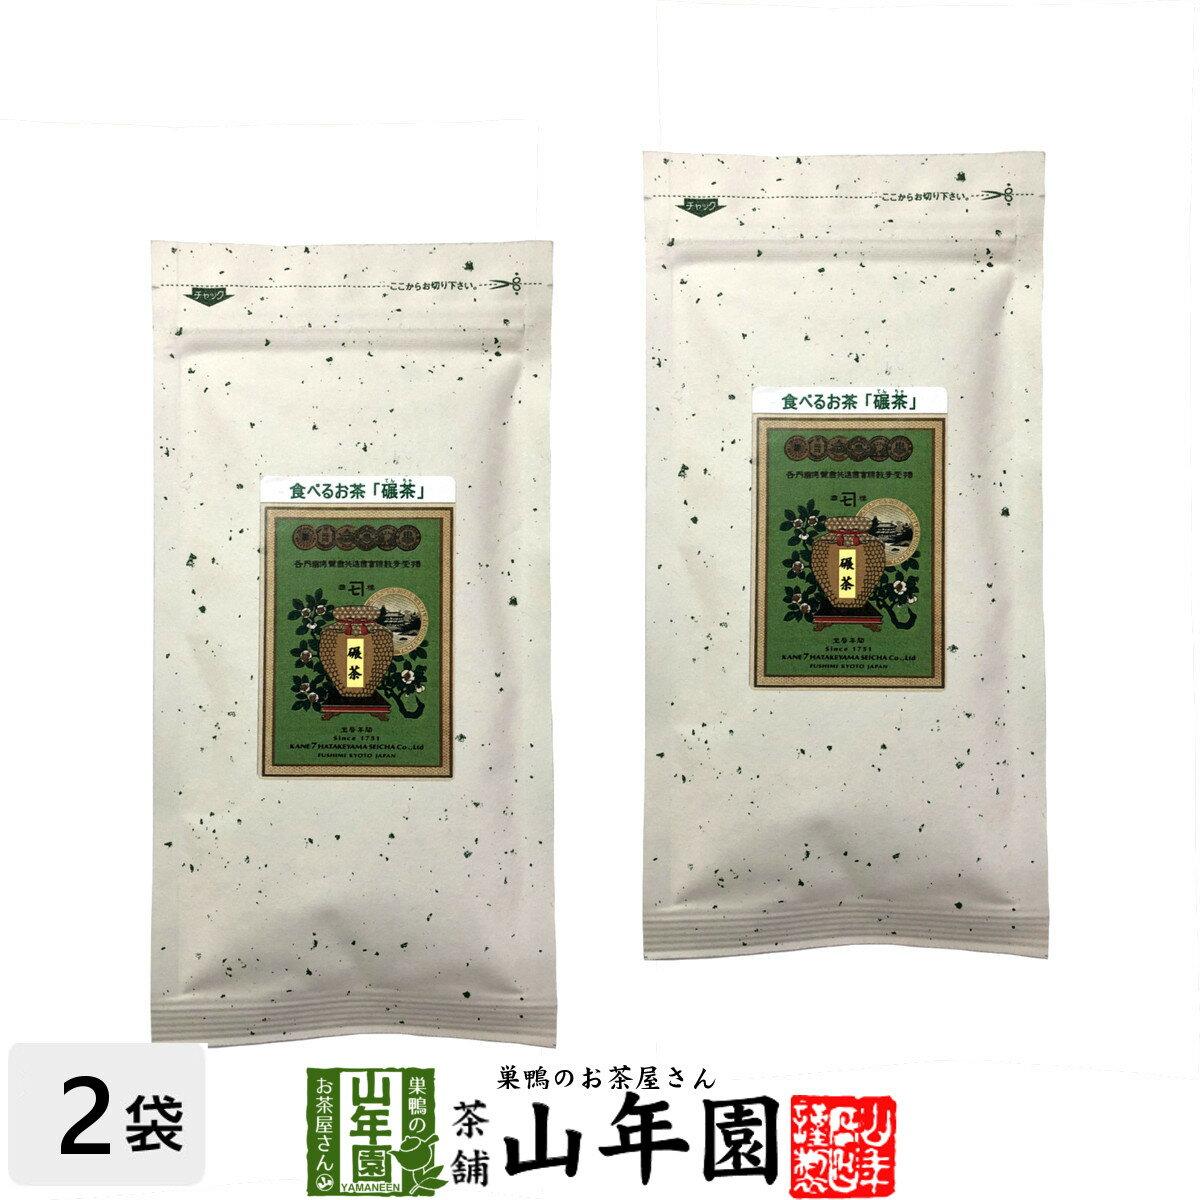 食べるお茶 碾茶 20g×2袋セット 送料無料 白ご飯に おにぎりに お茶漬けに ギフト プレゼント 敬老の日 プチギフト お茶 内祝い 2020 早割